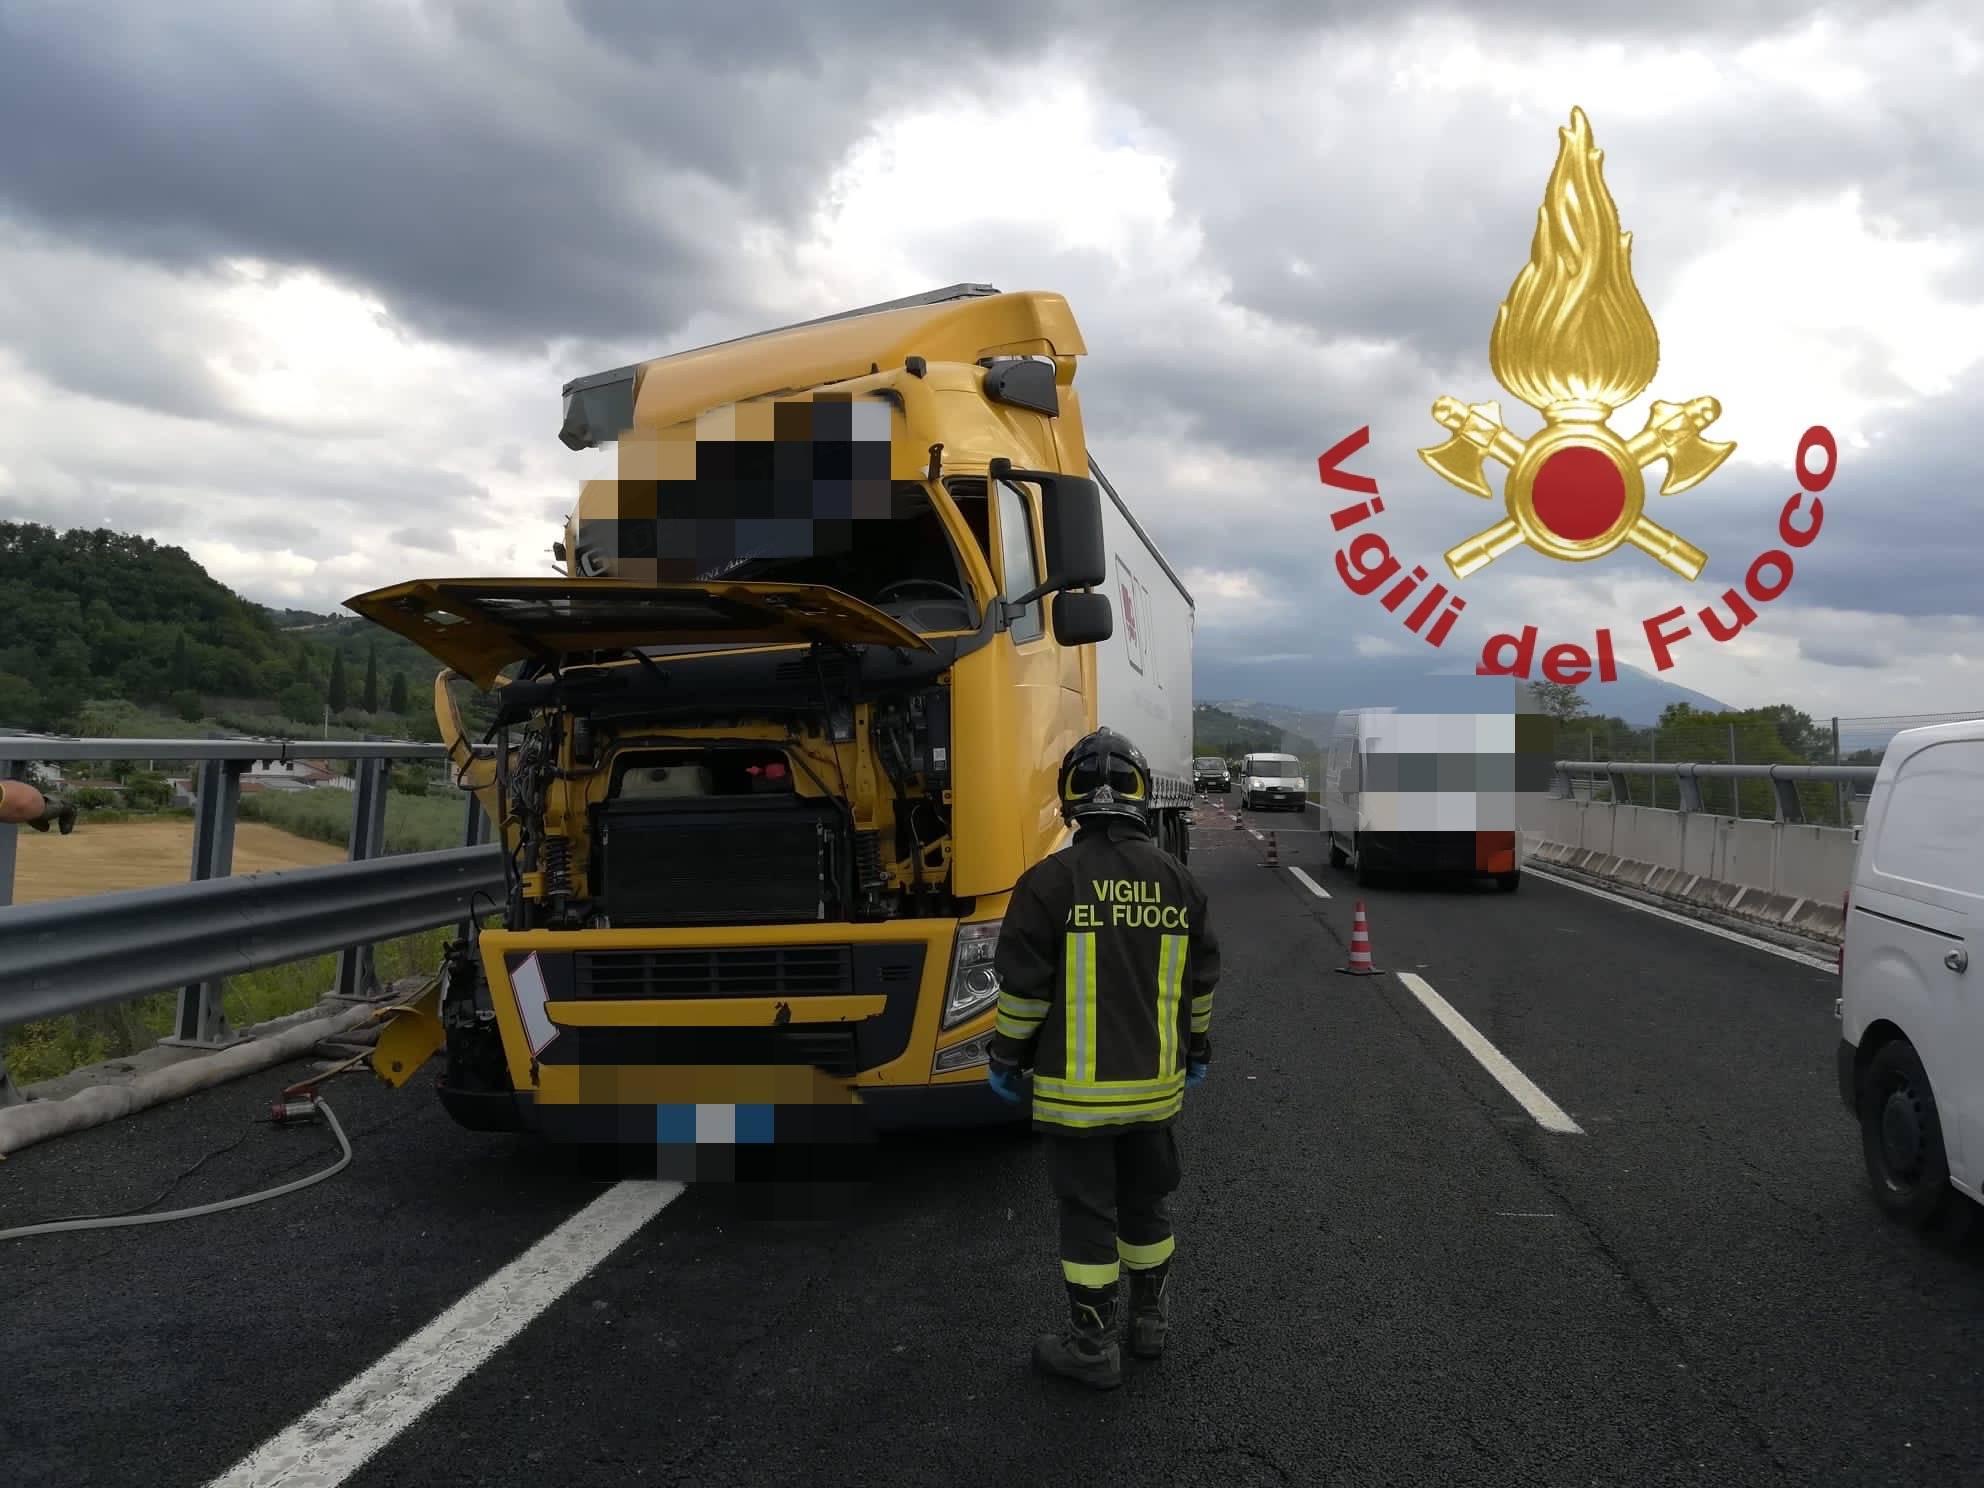 incidente-sulla-a25,-scontro-tra-mezzi-pesanti:-vigili-del-fuoco-sul-posto